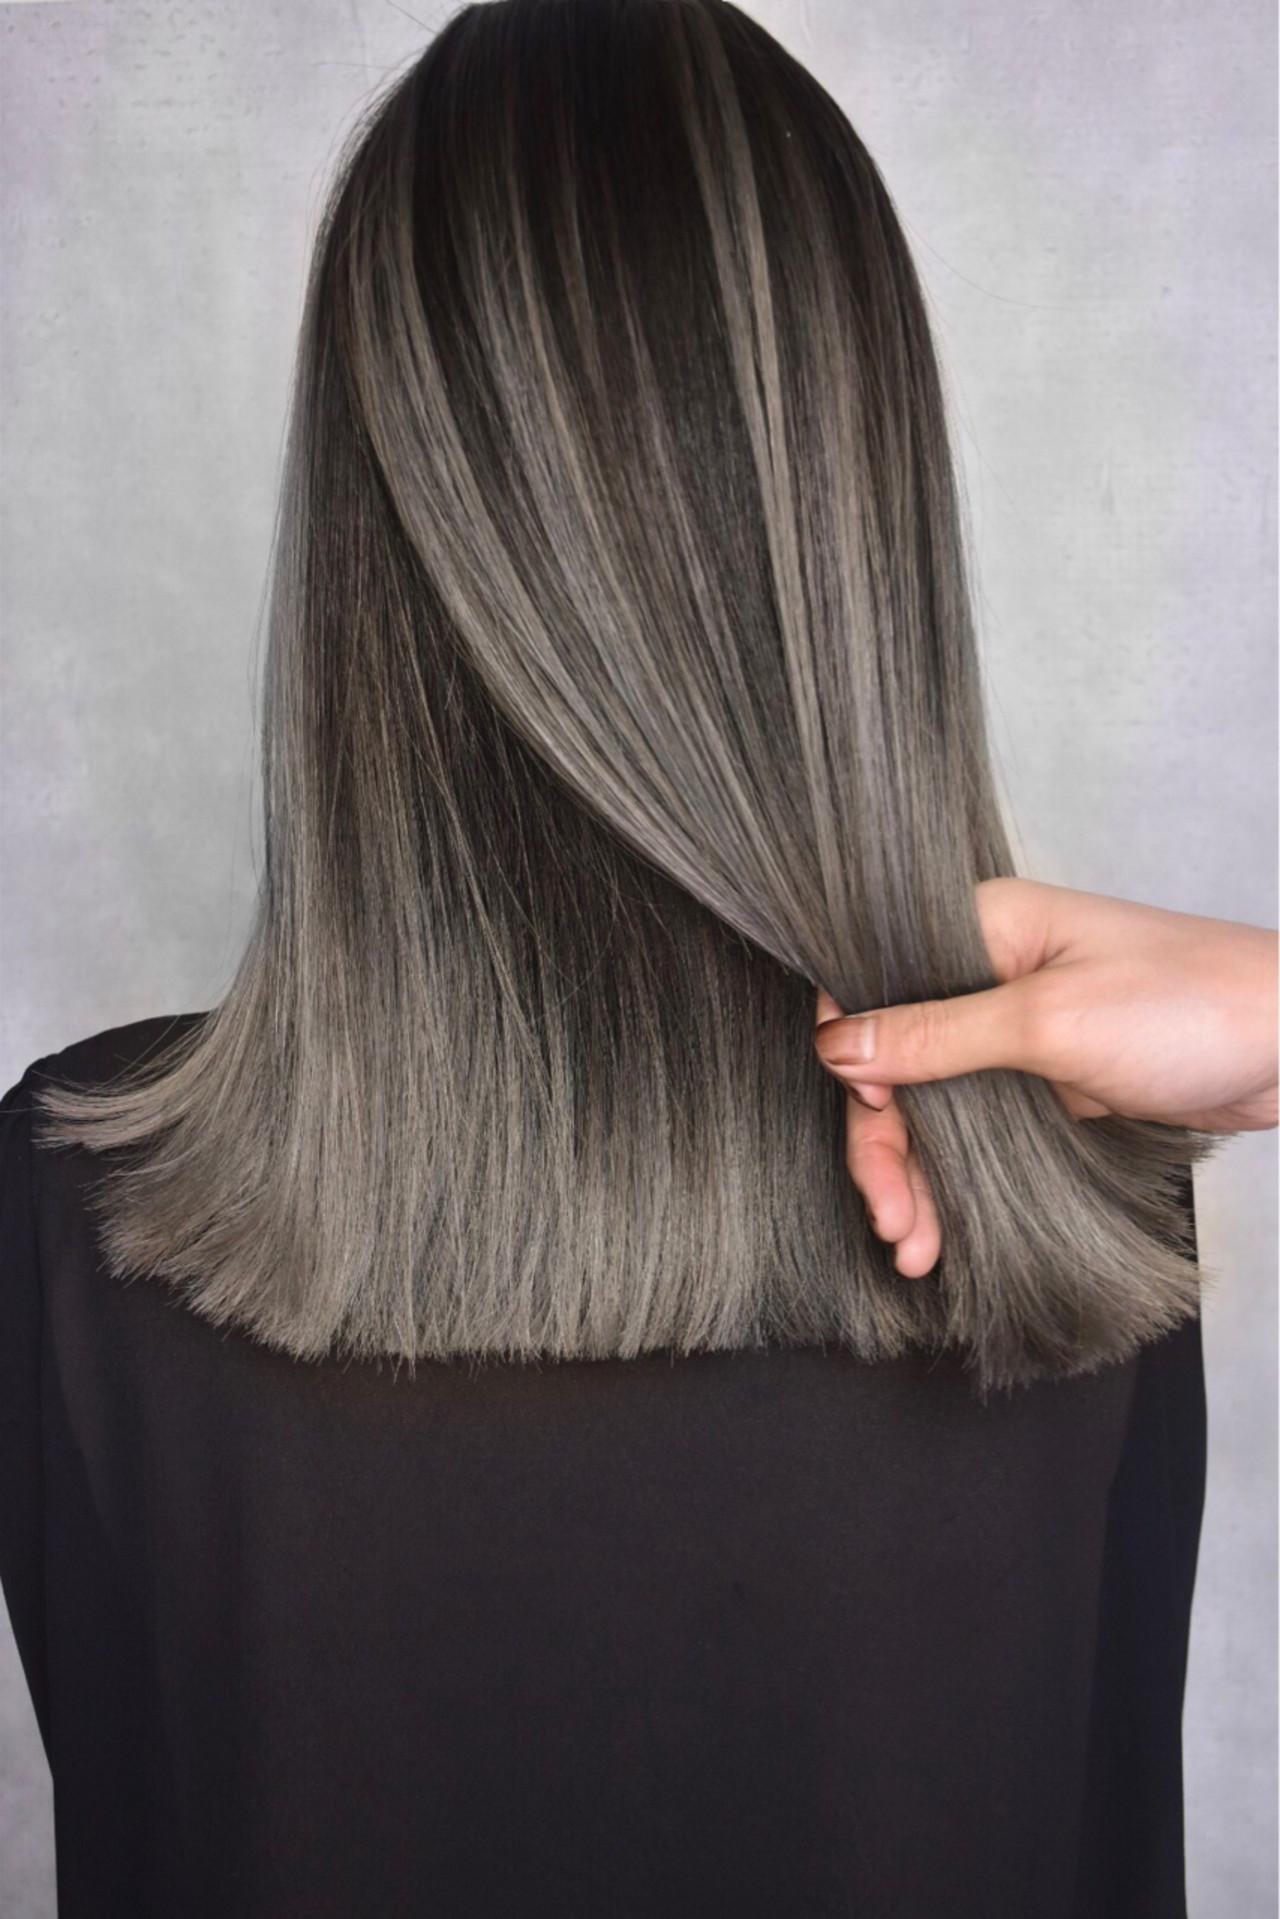 ハイライト バレイヤージュ ナチュラル グラデーションカラー ヘアスタイルや髪型の写真・画像